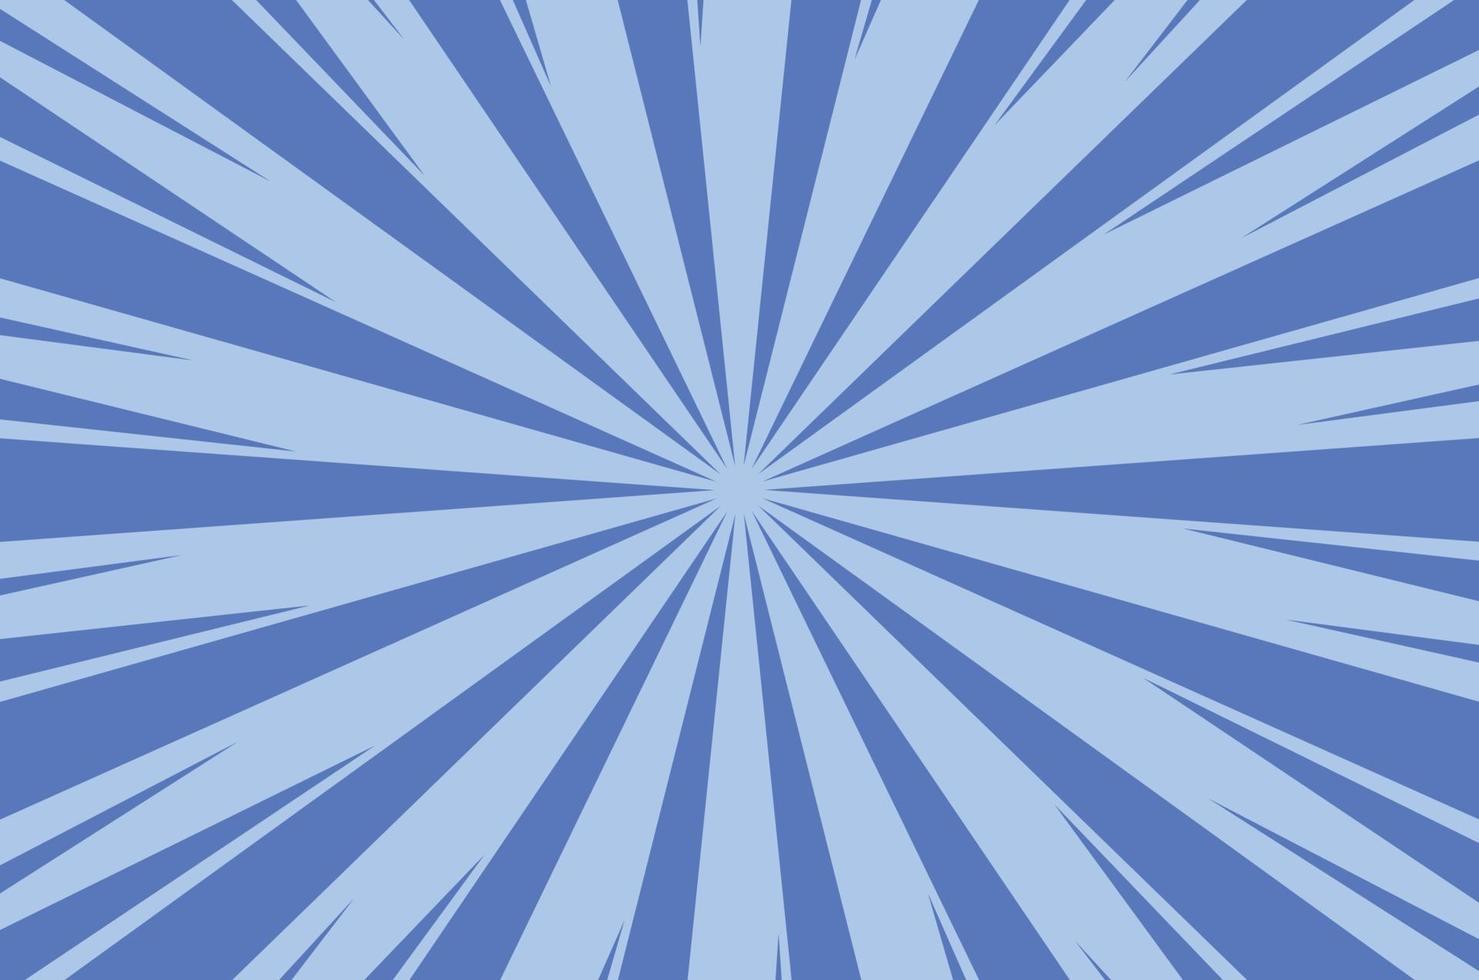 fond de lumière du soleil de dessin animé abstrait bleu vecteur